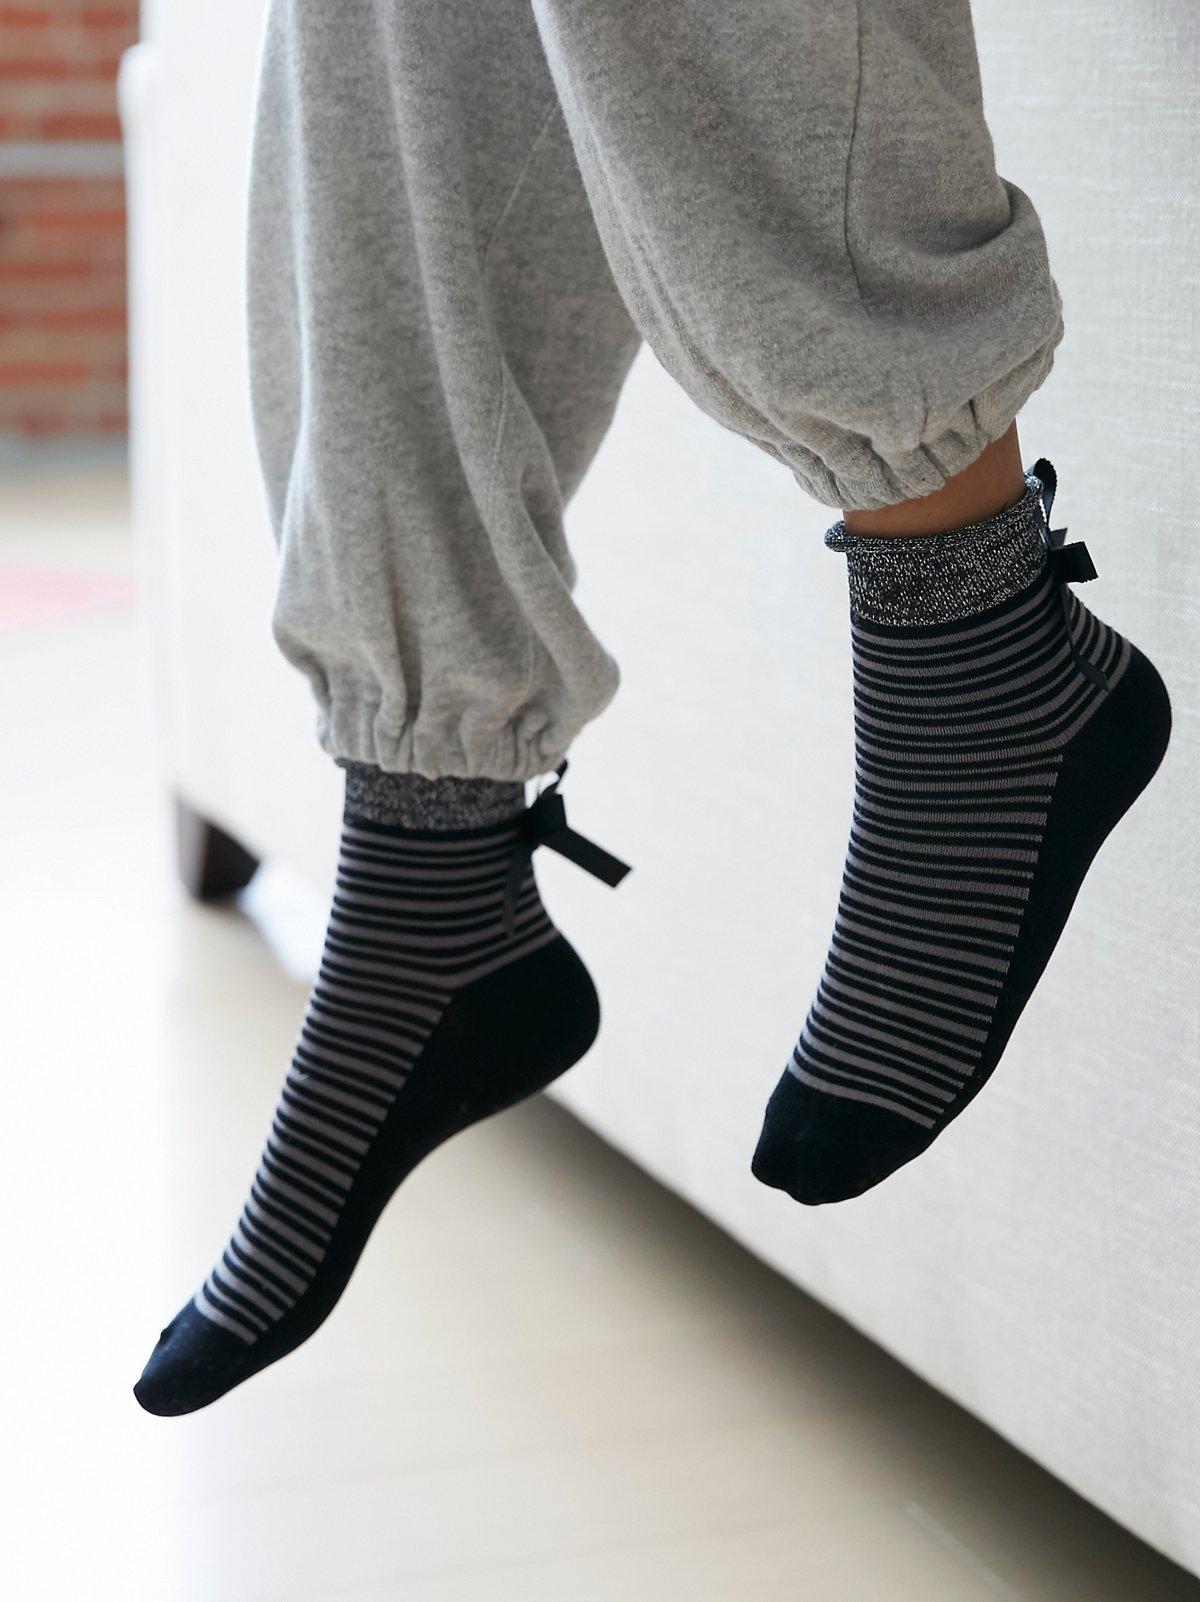 Parissi条纹短袜